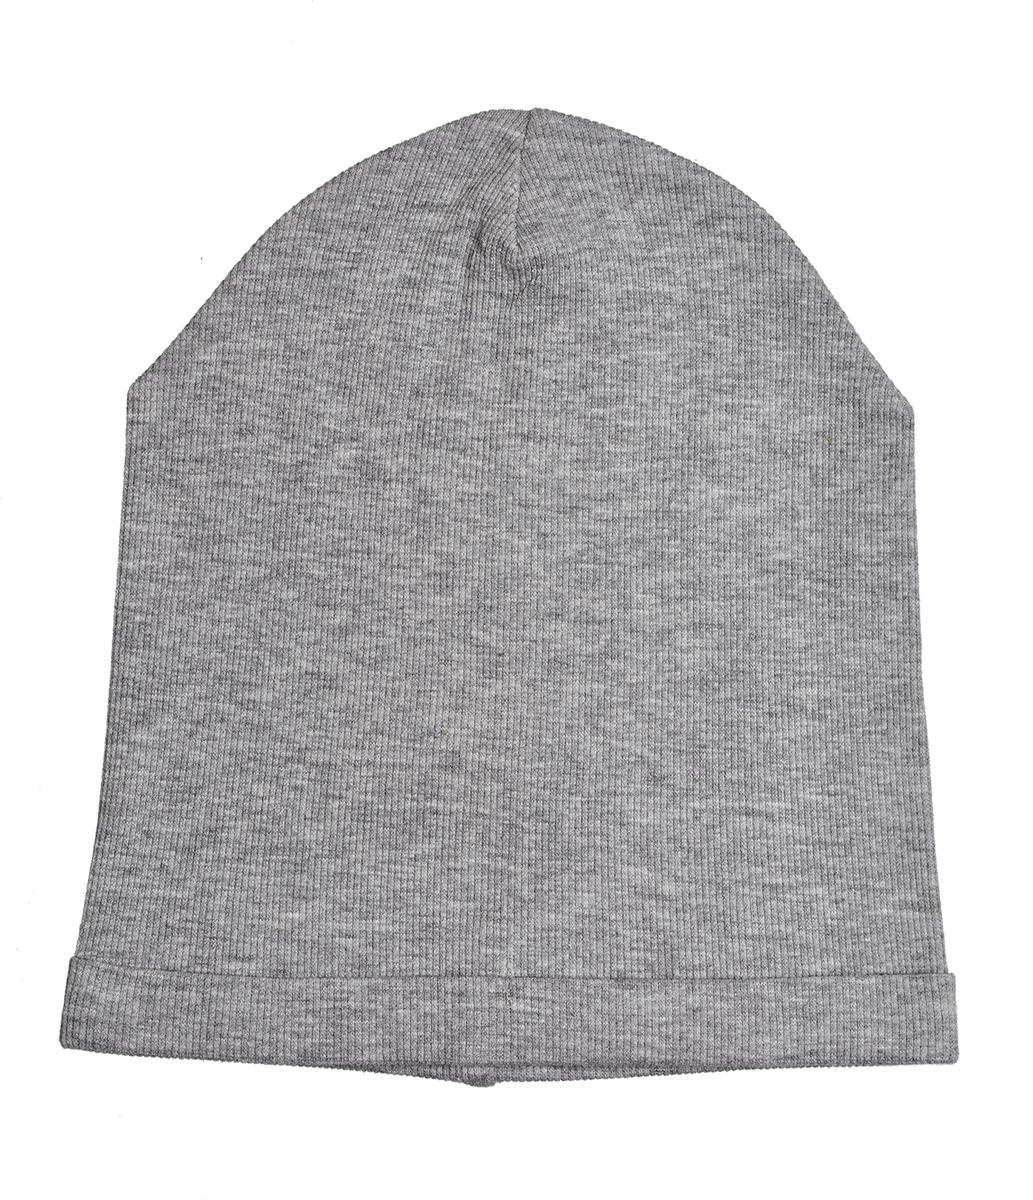 Шапка для девочки Button Blue, цвет: серый. 118BBGX73011900. Размер 56118BBGX73011900Если вы хотите недорого купить шапку для девочки на весну, лучшим вариантом будет трикотажная шапка от Button Blue. Шапка сделана в соответствии со всеми модными требованиями сезона, но может похвастаться не только этим: модель выполнена из качественного материала, она мягкая и приятная на ощупь.